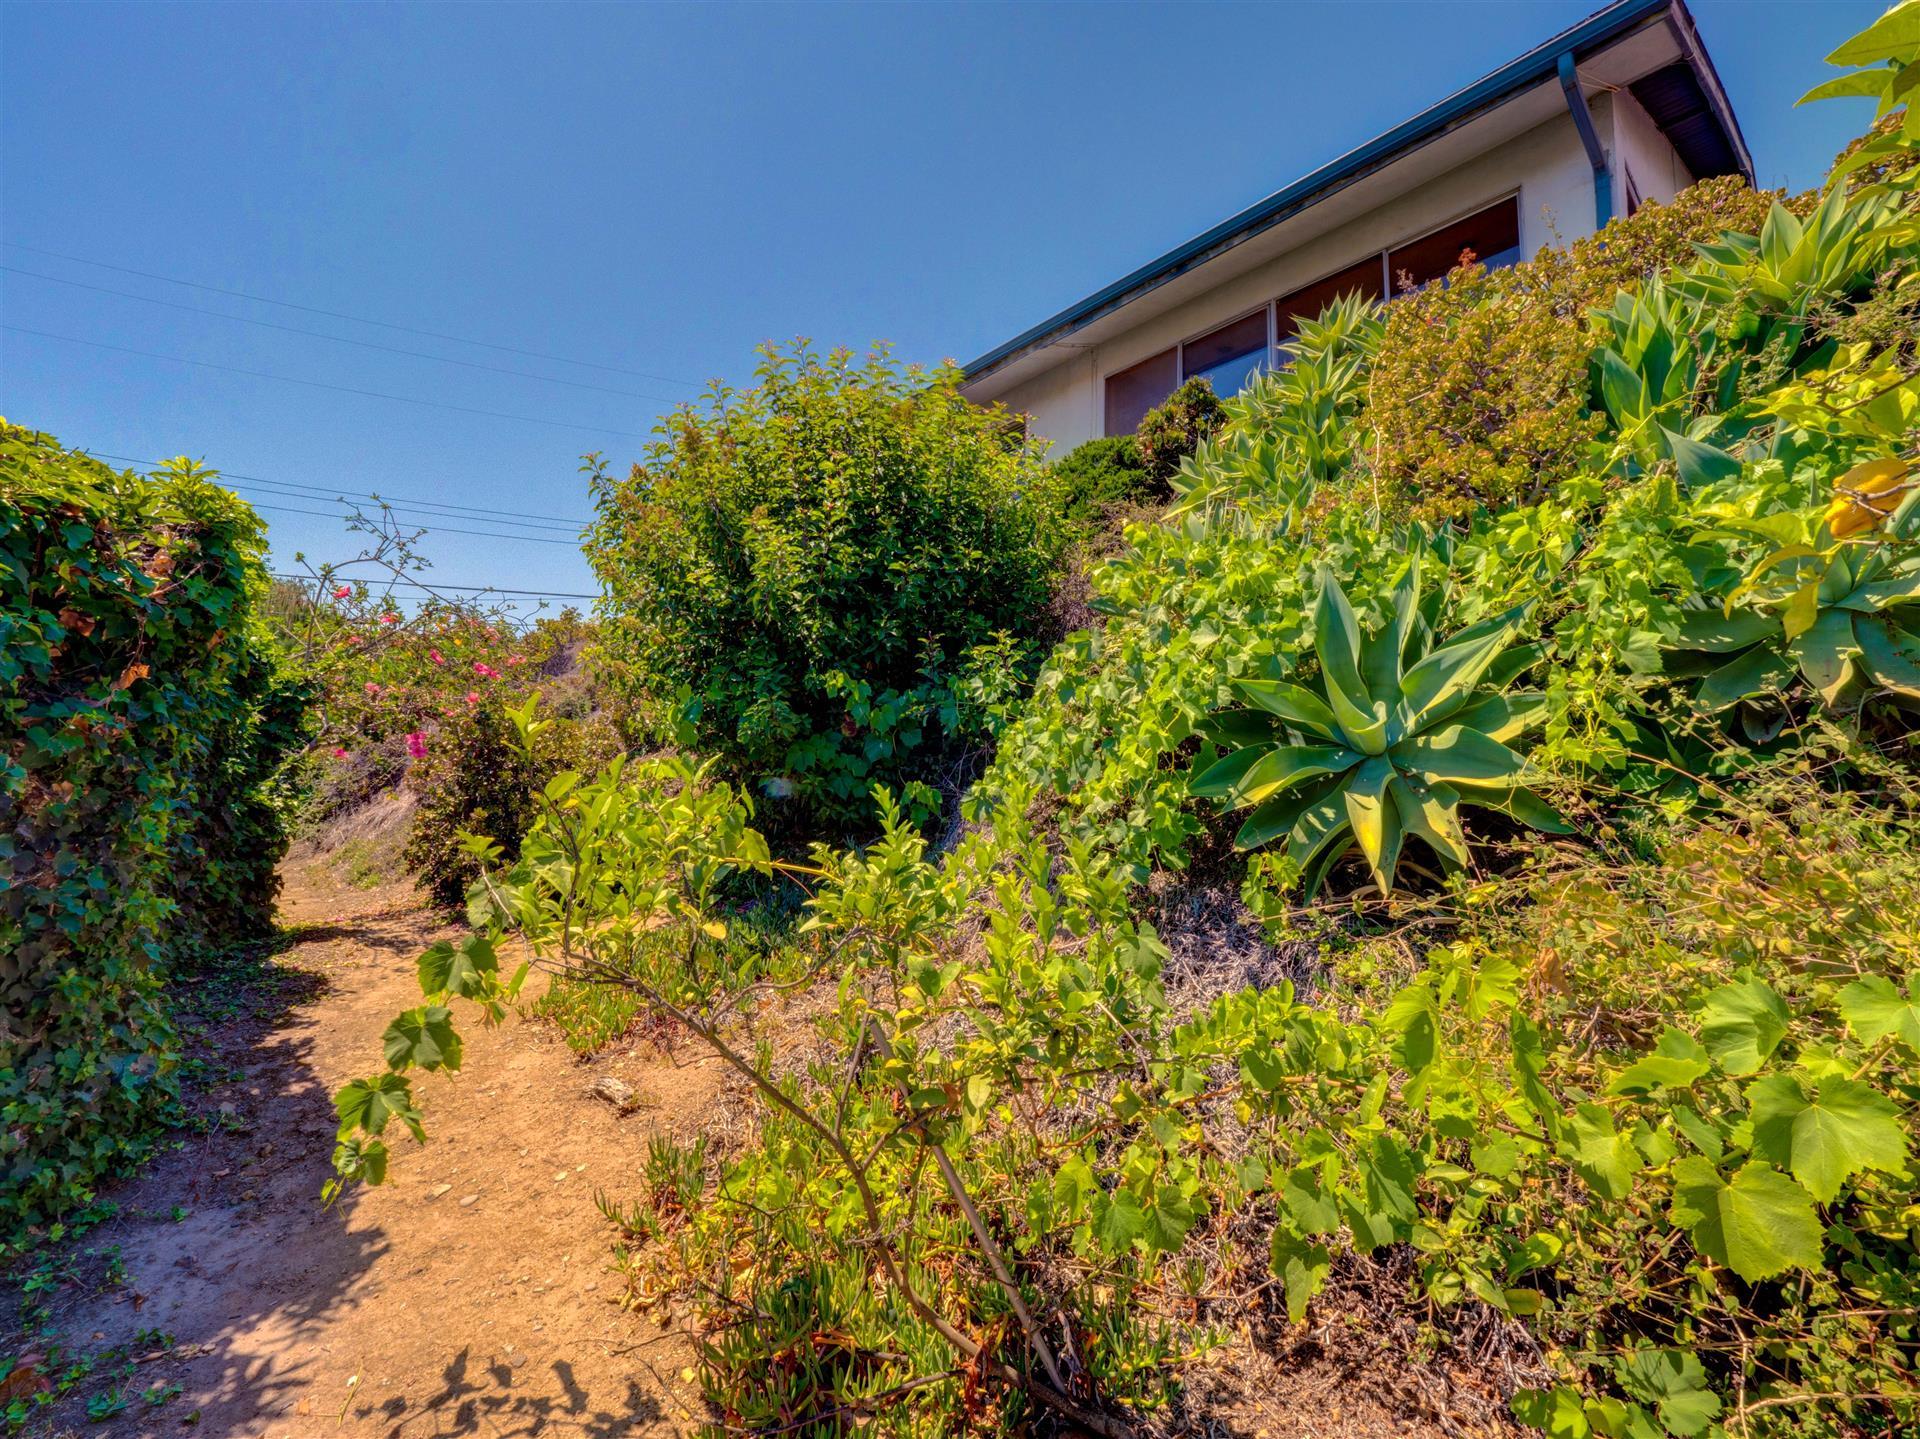 970 Las Lomas,Pacific Palisades,California 90272,3 Bedrooms Bedrooms,2 BathroomsBathrooms,Home,Las Lomas,1053